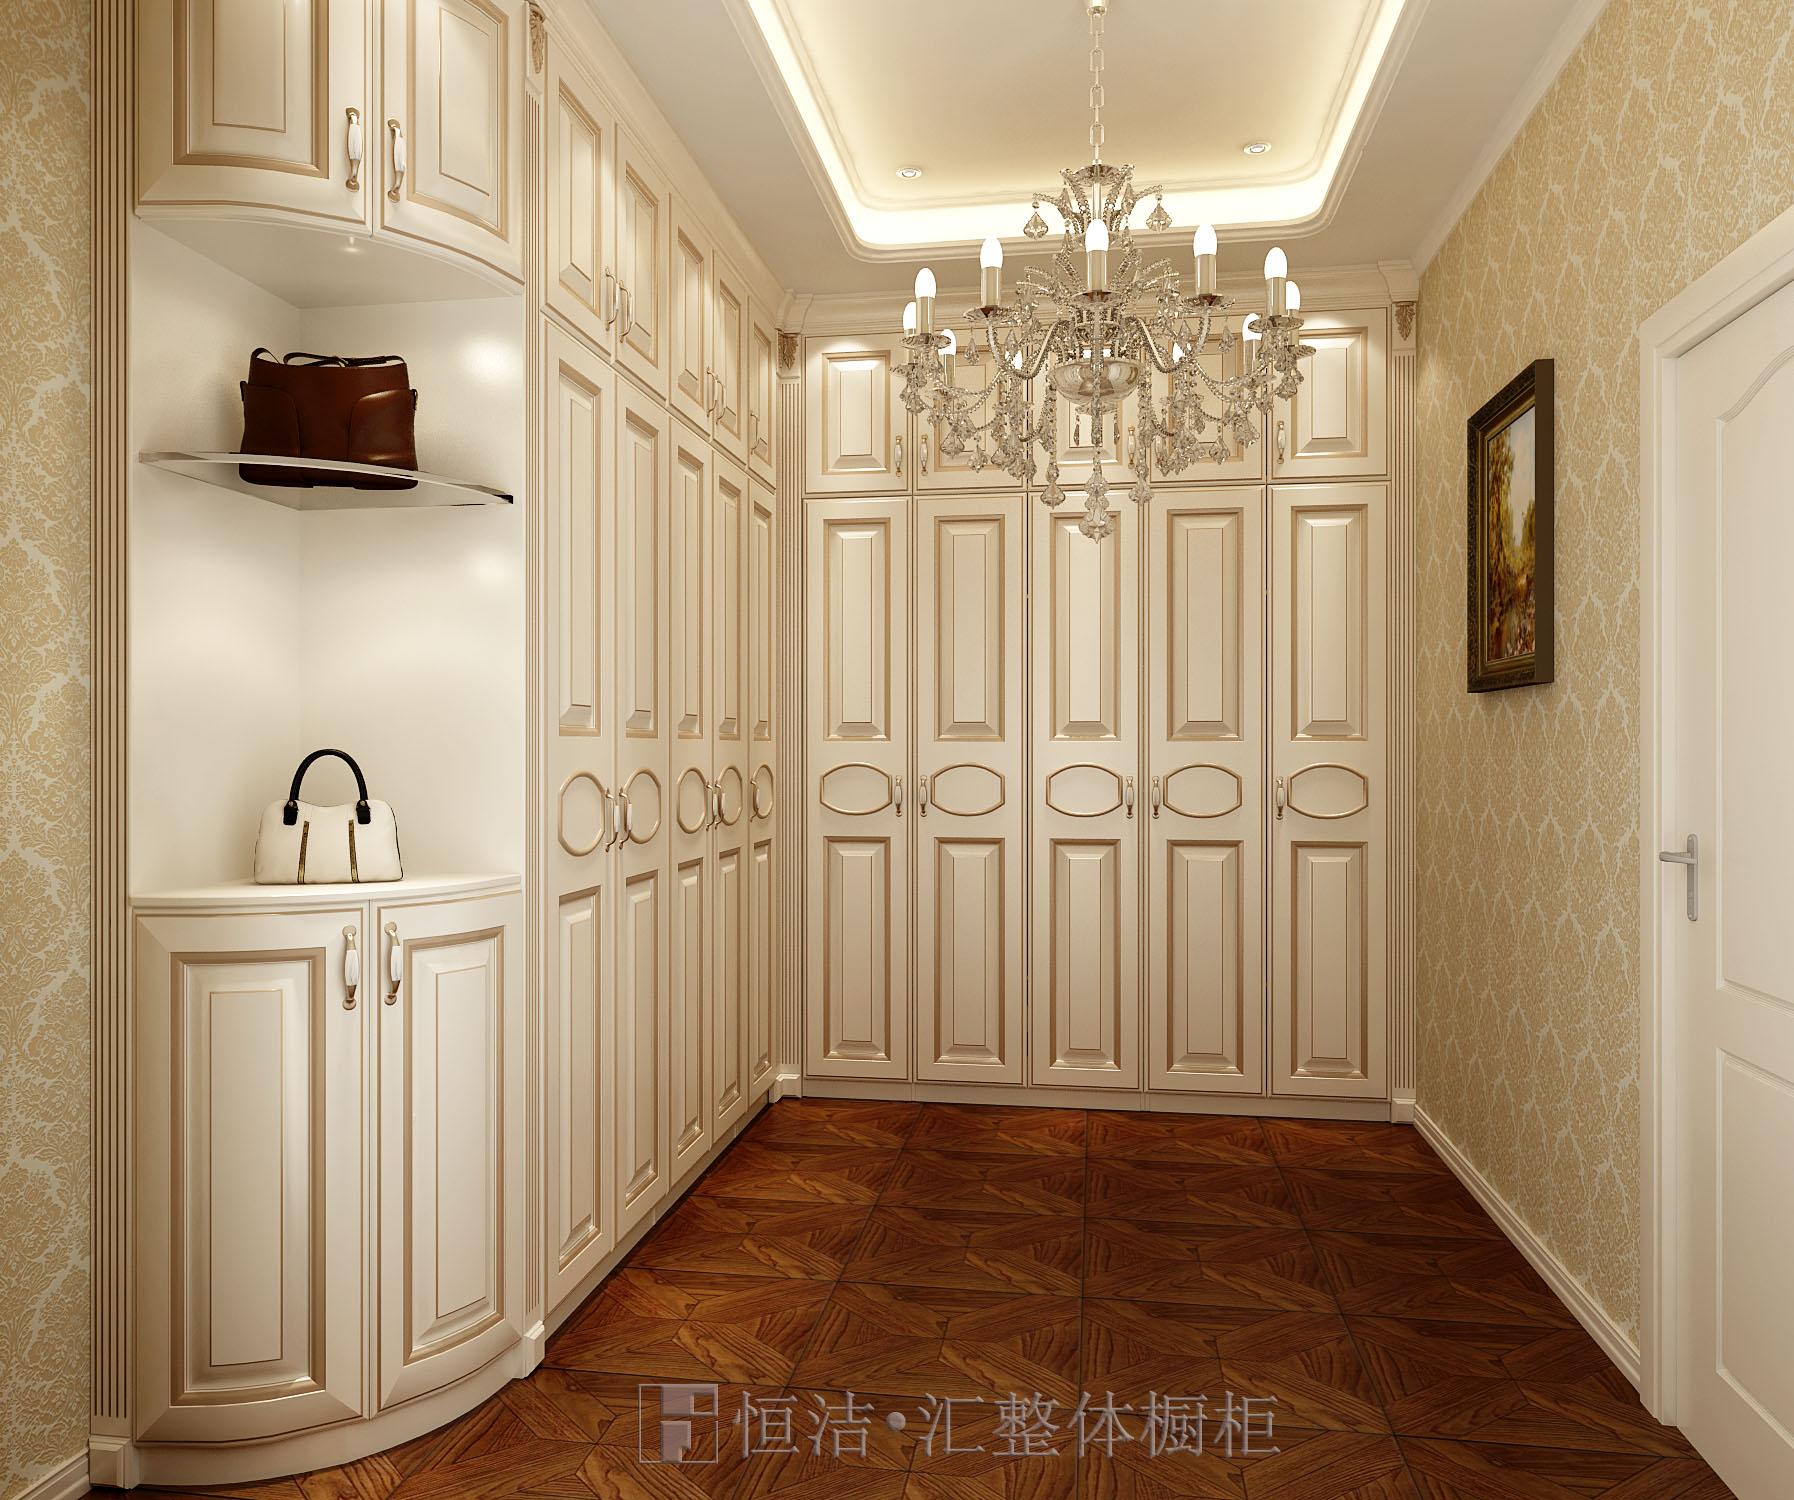 欧式风格 整体橱柜 产品展示 恒洁汇砖体整体橱柜-汇